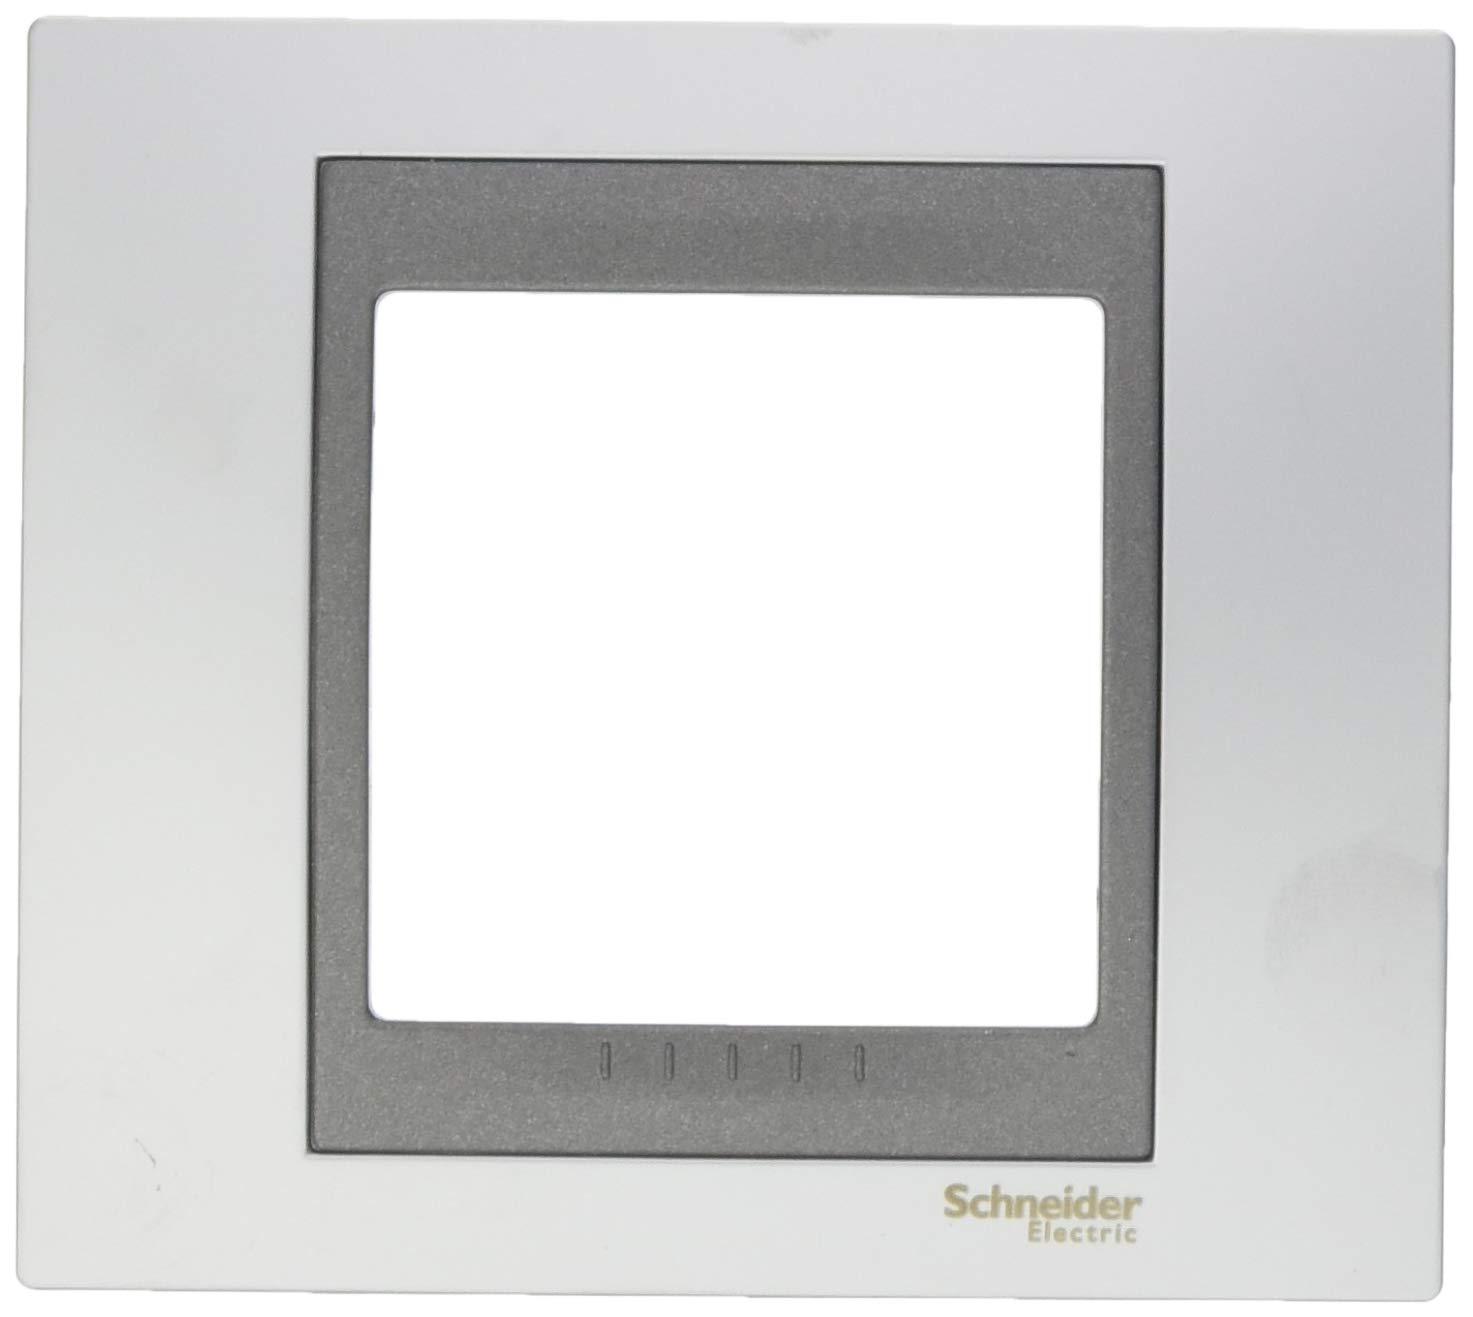 Schneider electric mgu66.002.238b Cadre Top 1élément, couleur chrome satiné couleur chrome satiné